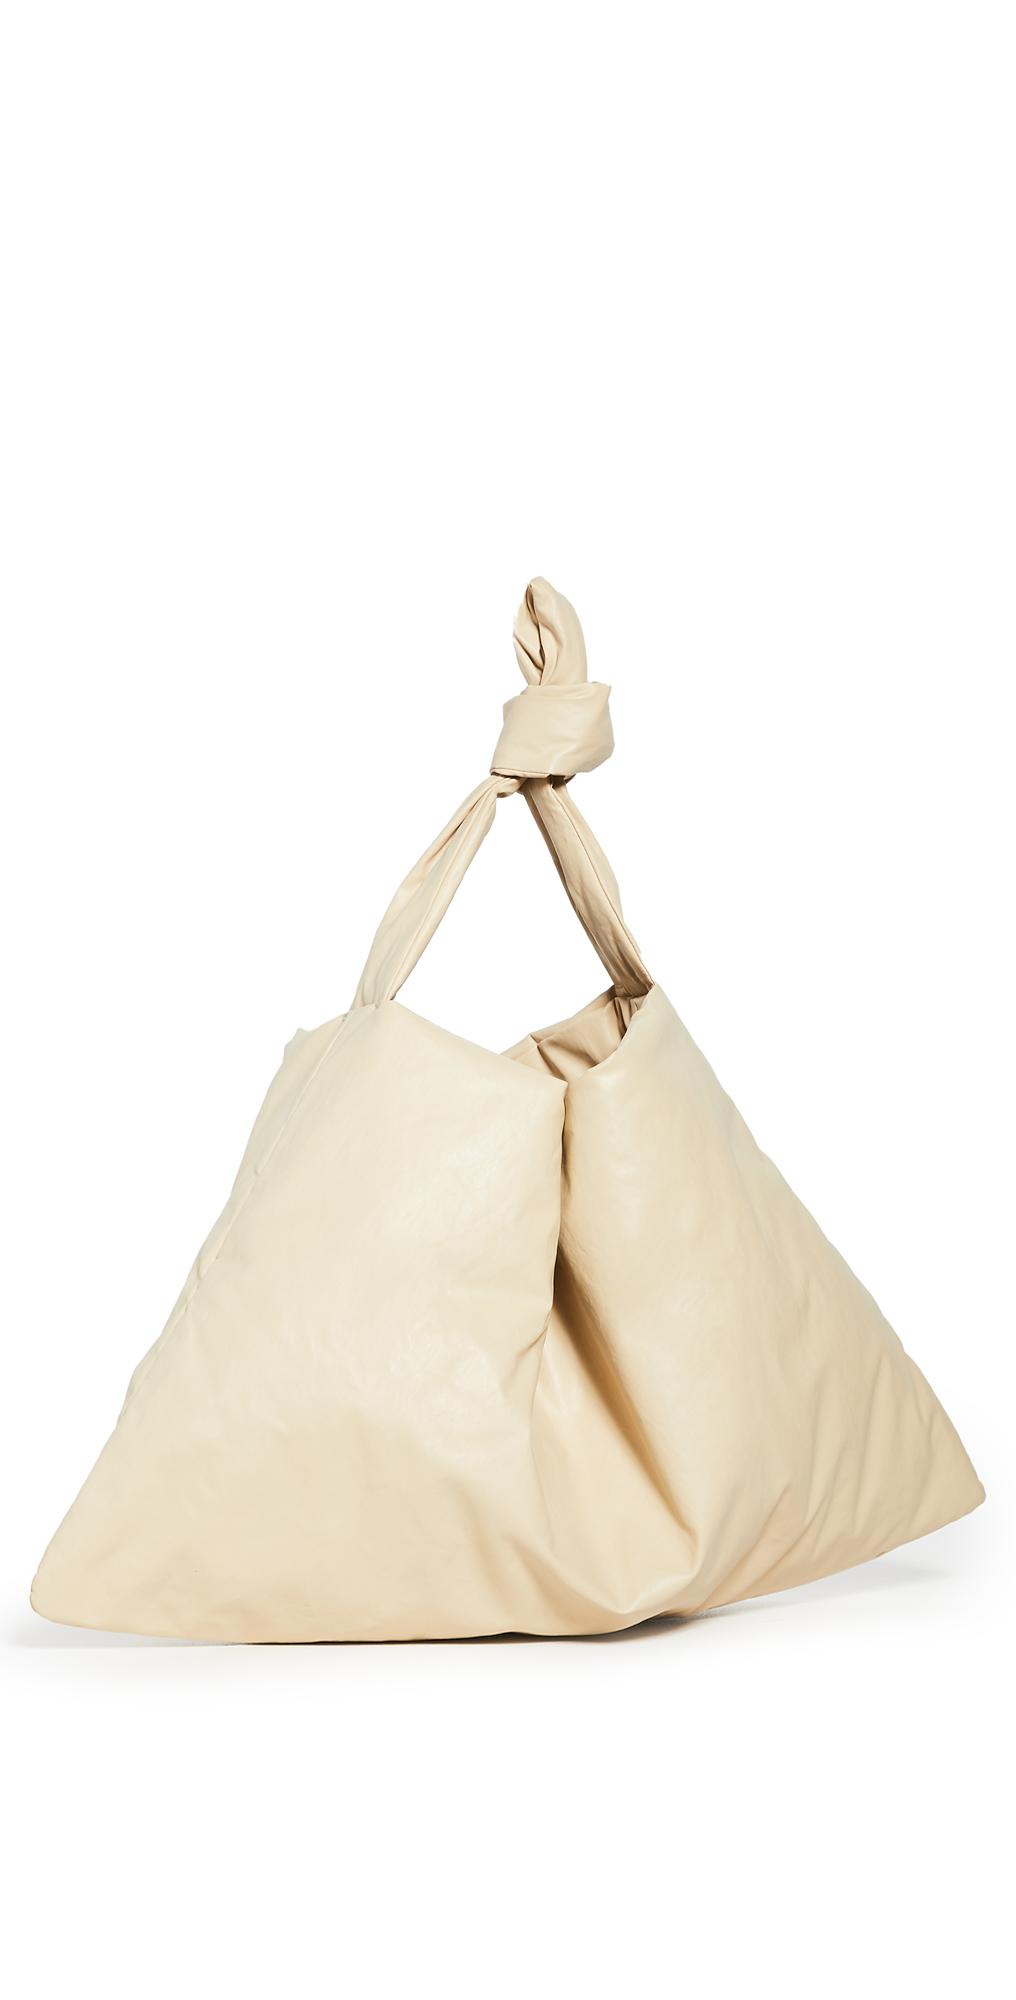 Square Small Oil Bag